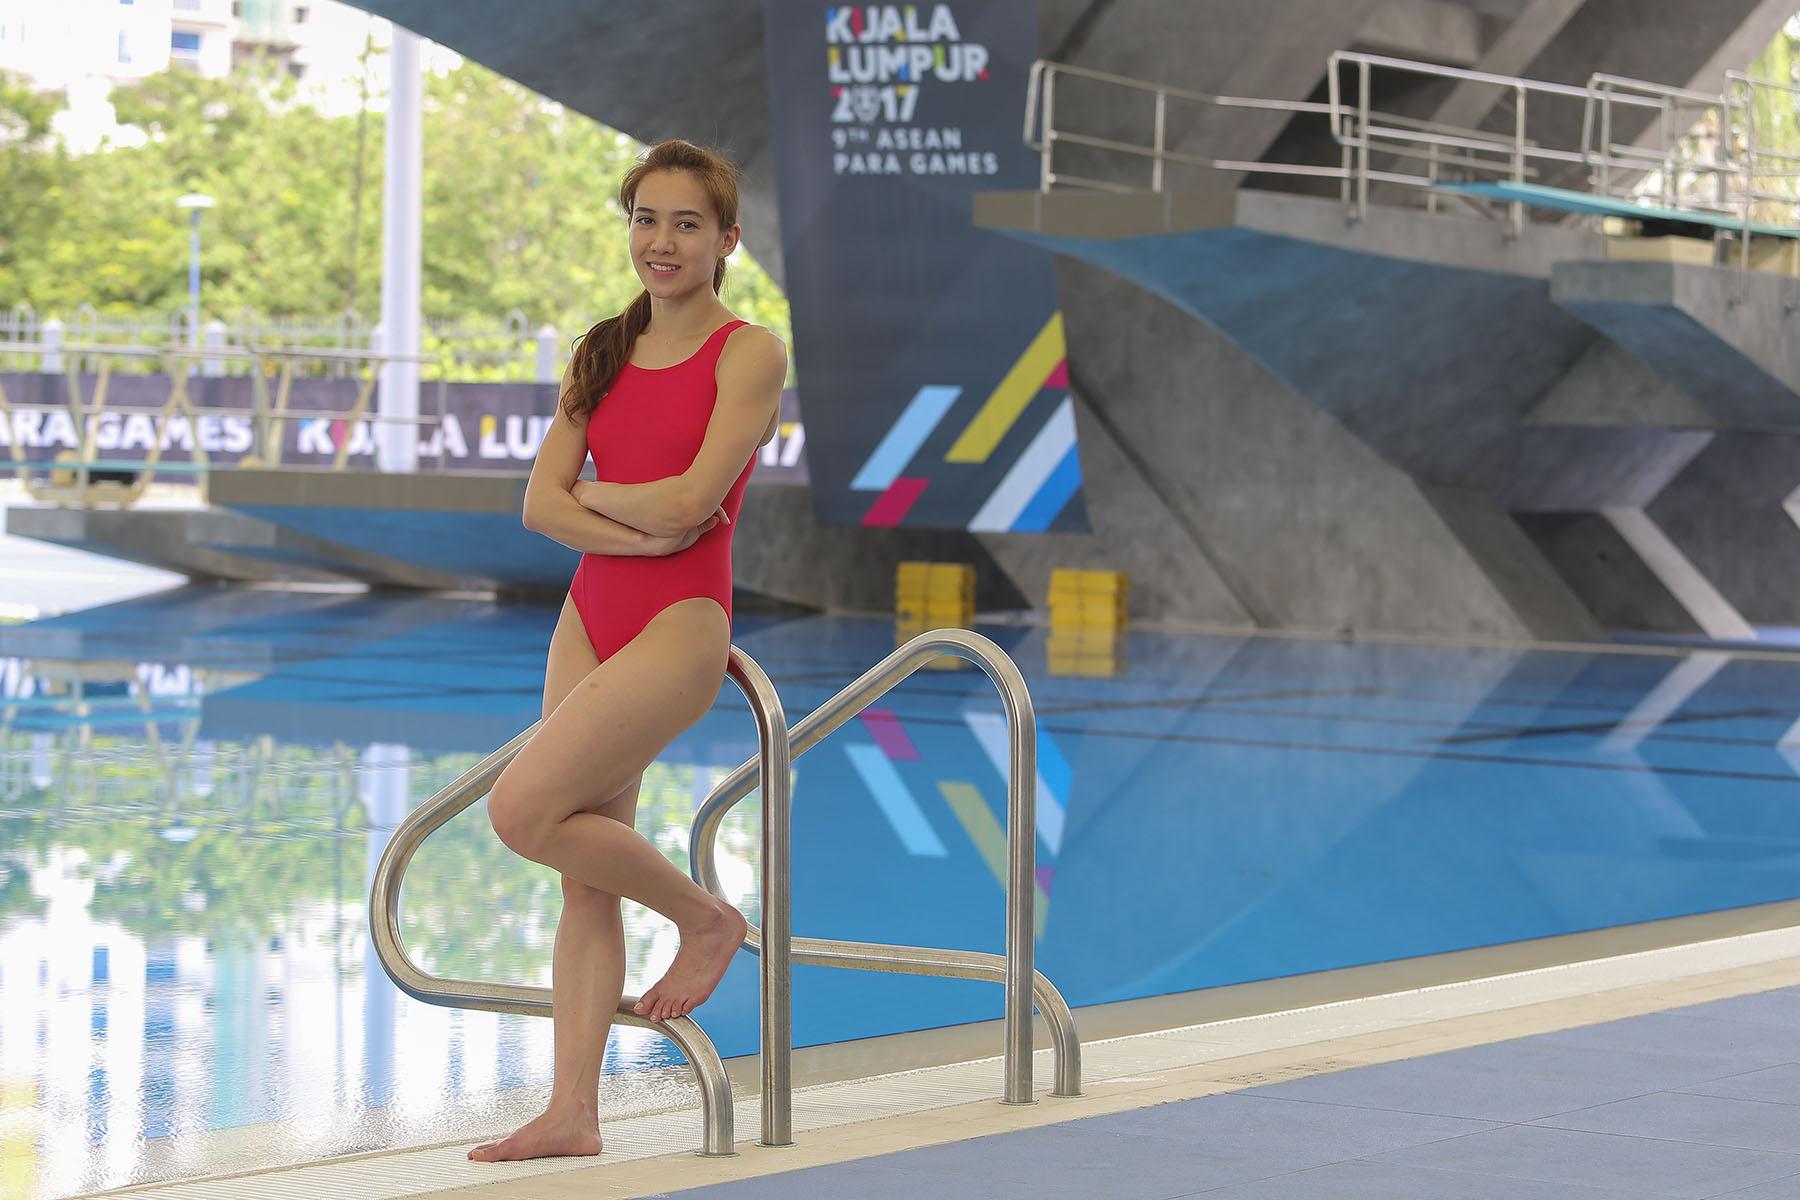 梁敏仪在二十多年的跳水生涯中,都离不开泳池。-Yusof Mat Isa摄-